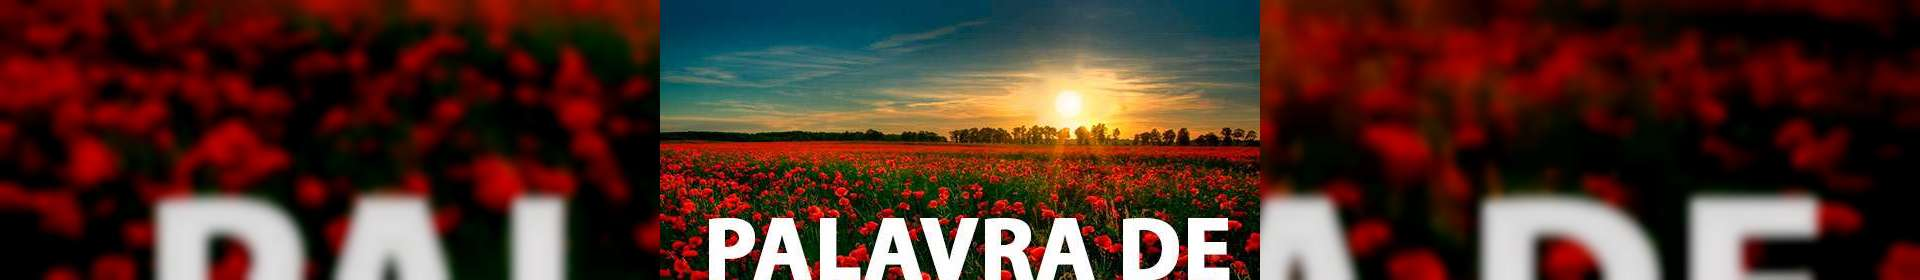 Salmos 142:1,2 - Uma Palavra de Esperança para sua vida